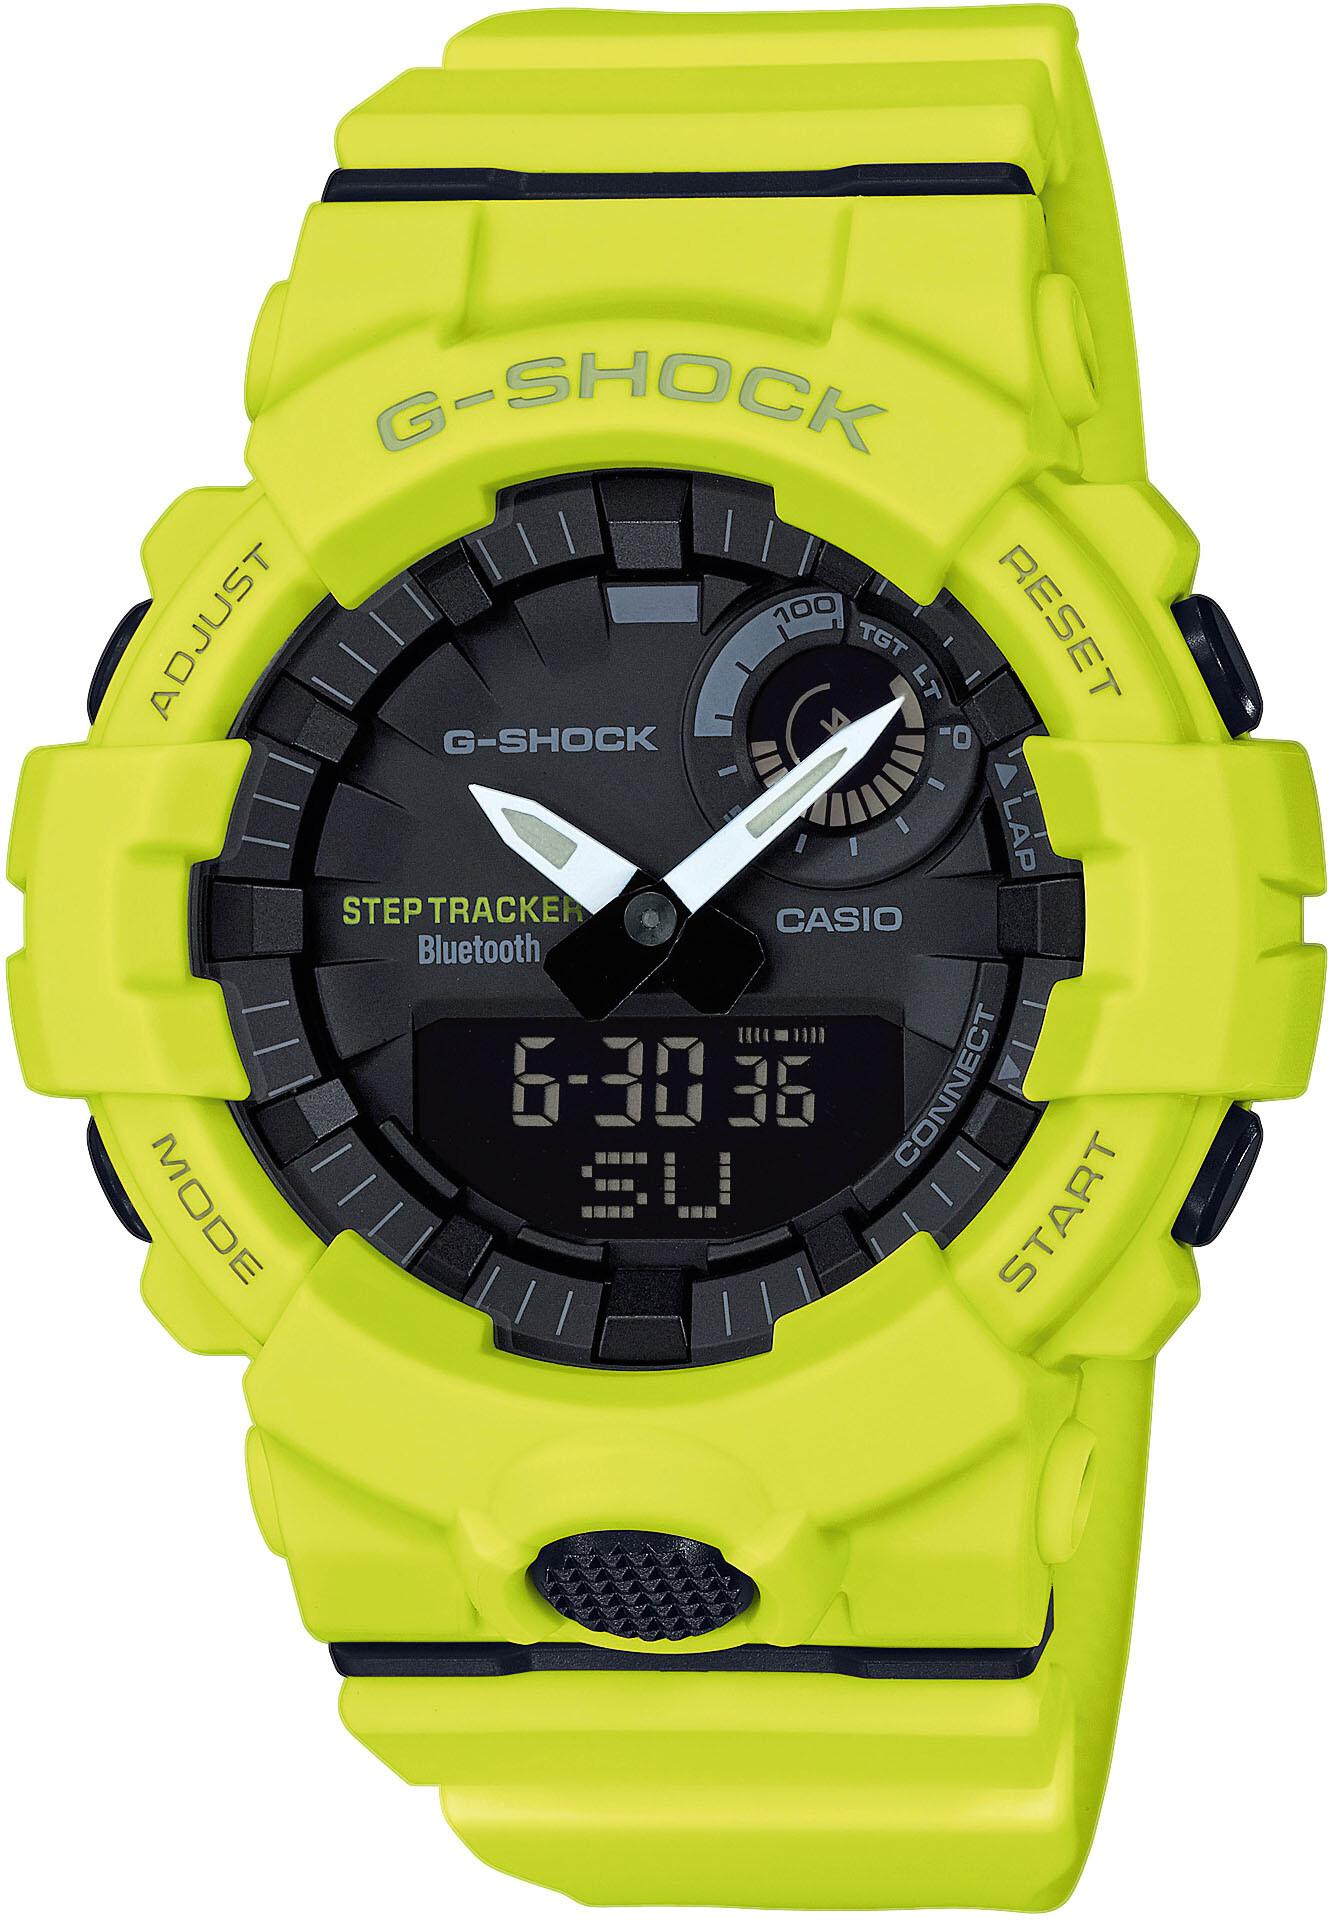 CASIO G-SHOCK GBA-800-9AER Ur Herrer, yellow/yellow/black (2019)   Sports watches